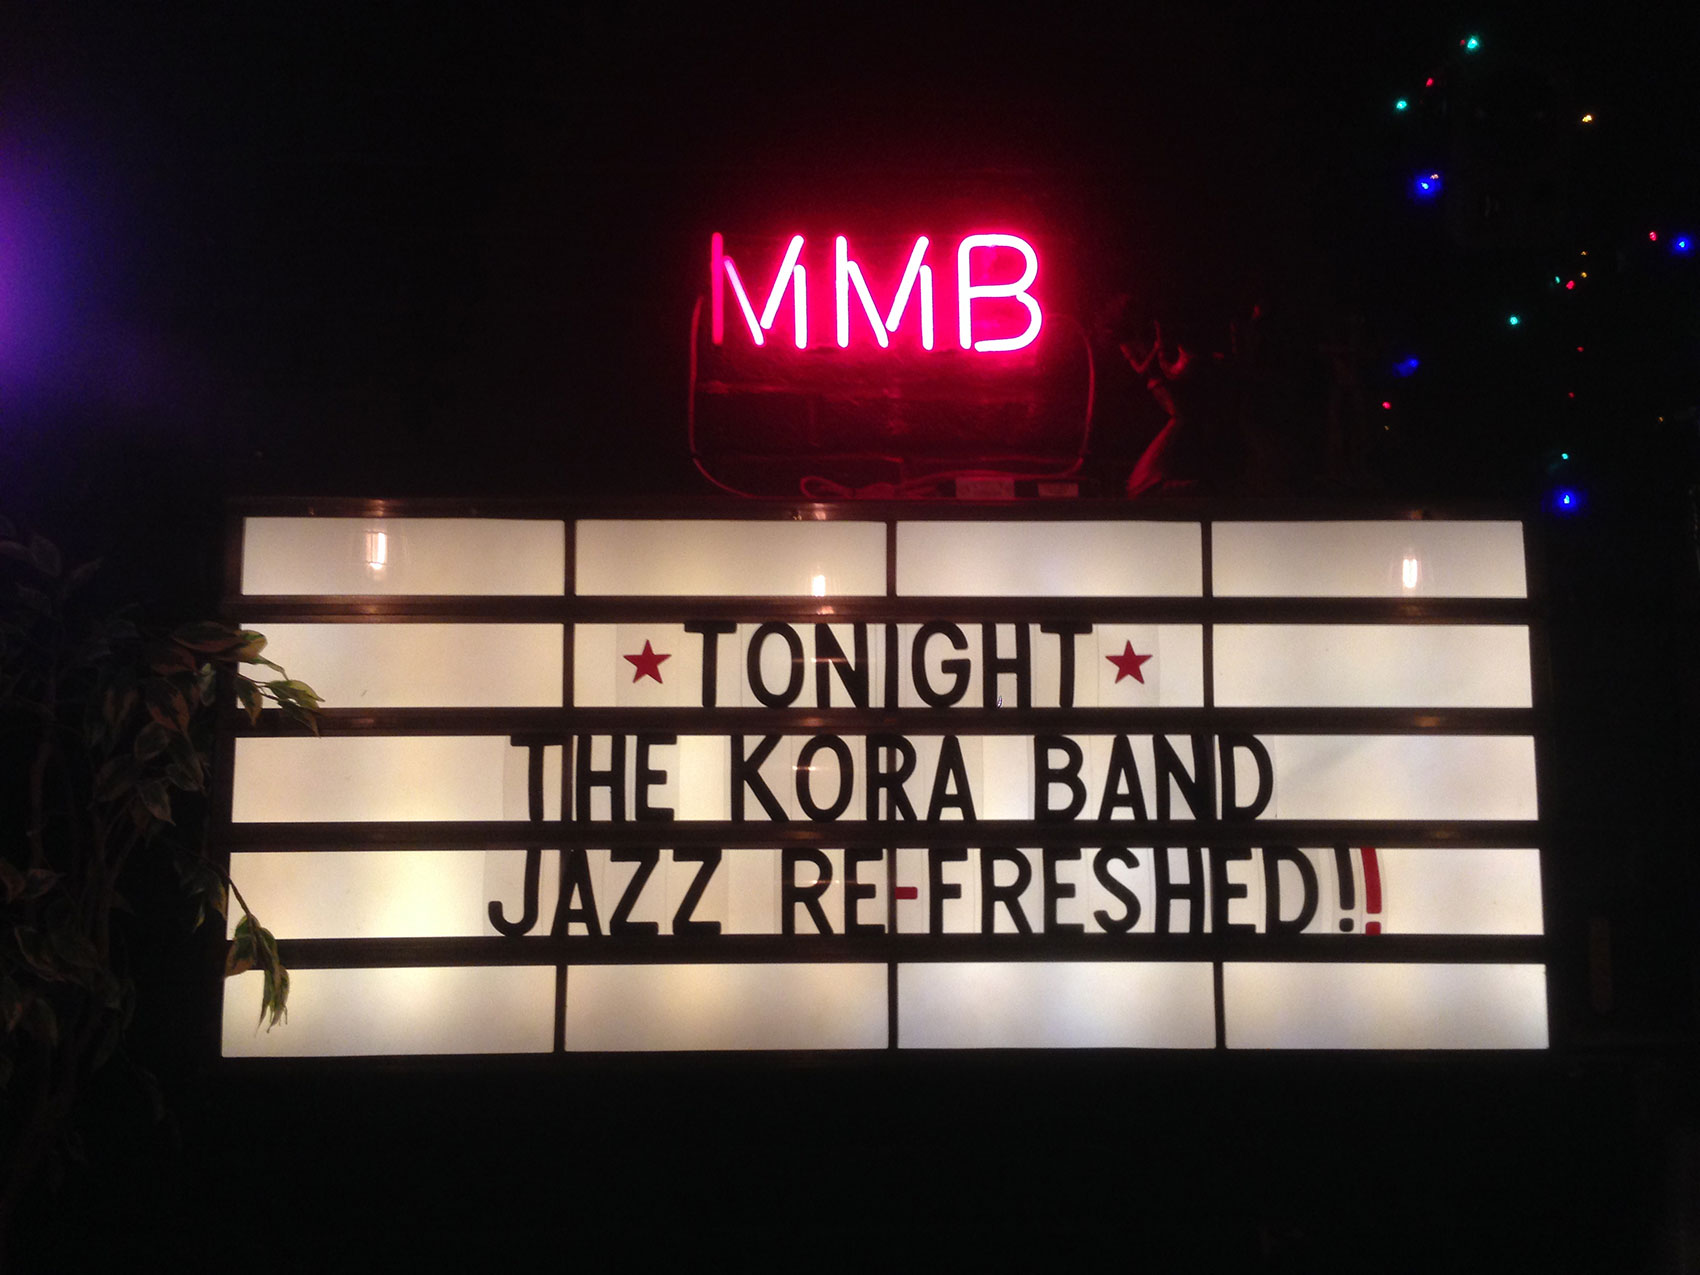 Kora Band